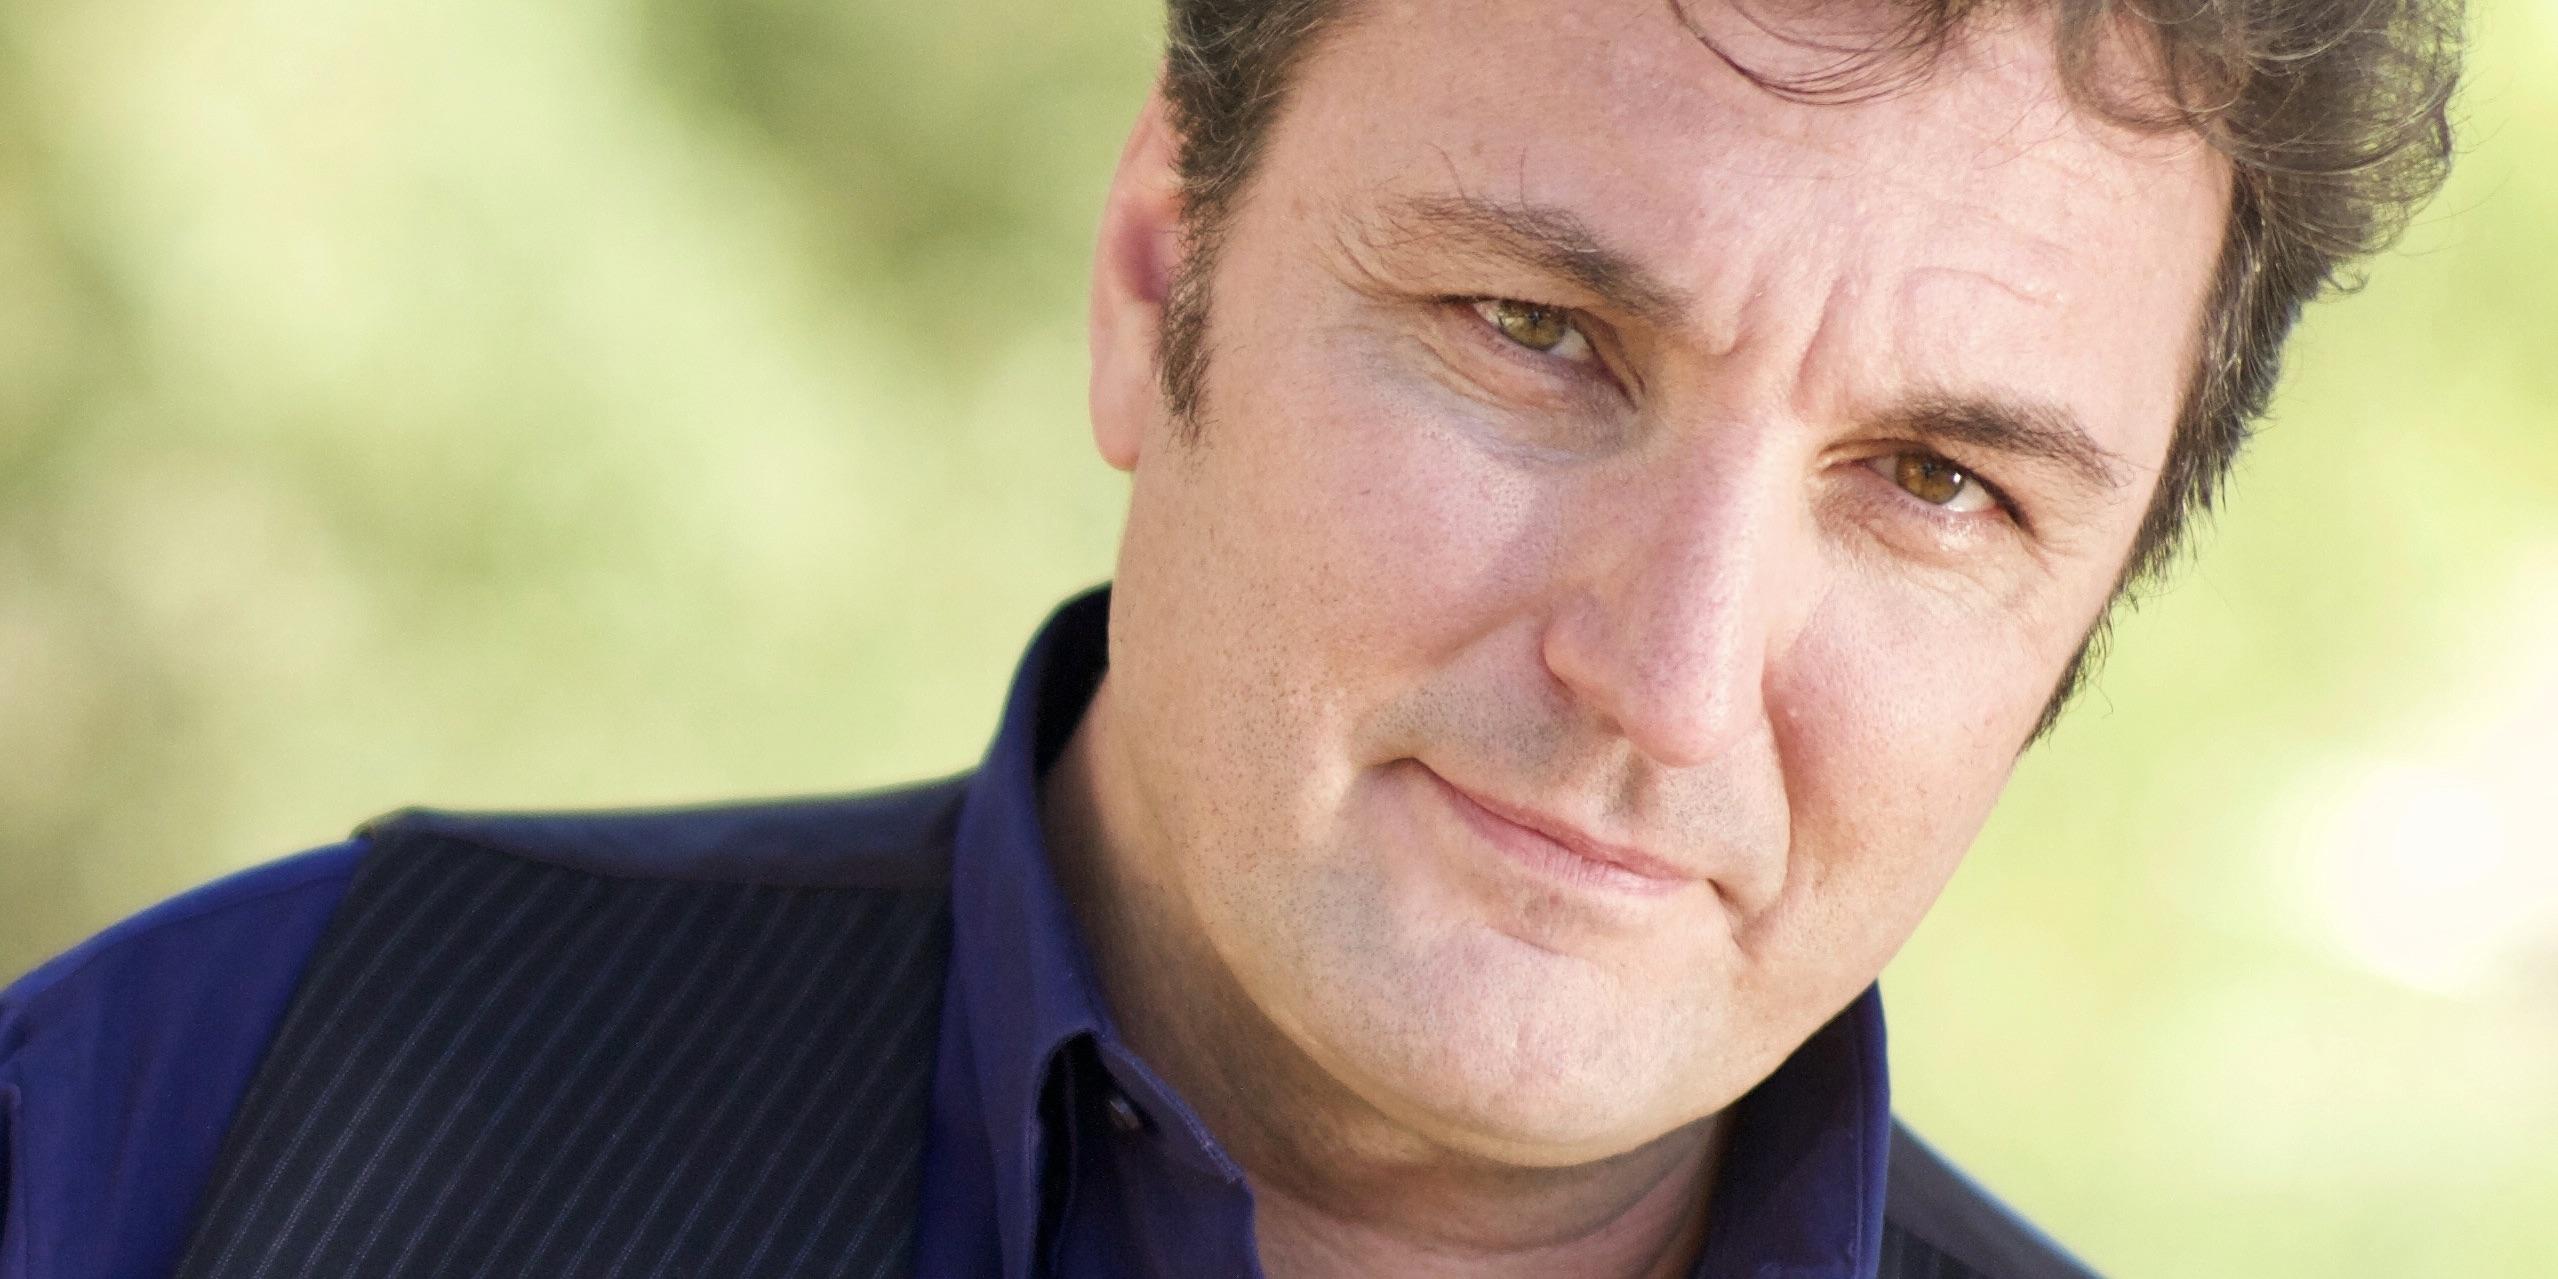 Ludovic Tézier sings Verdi